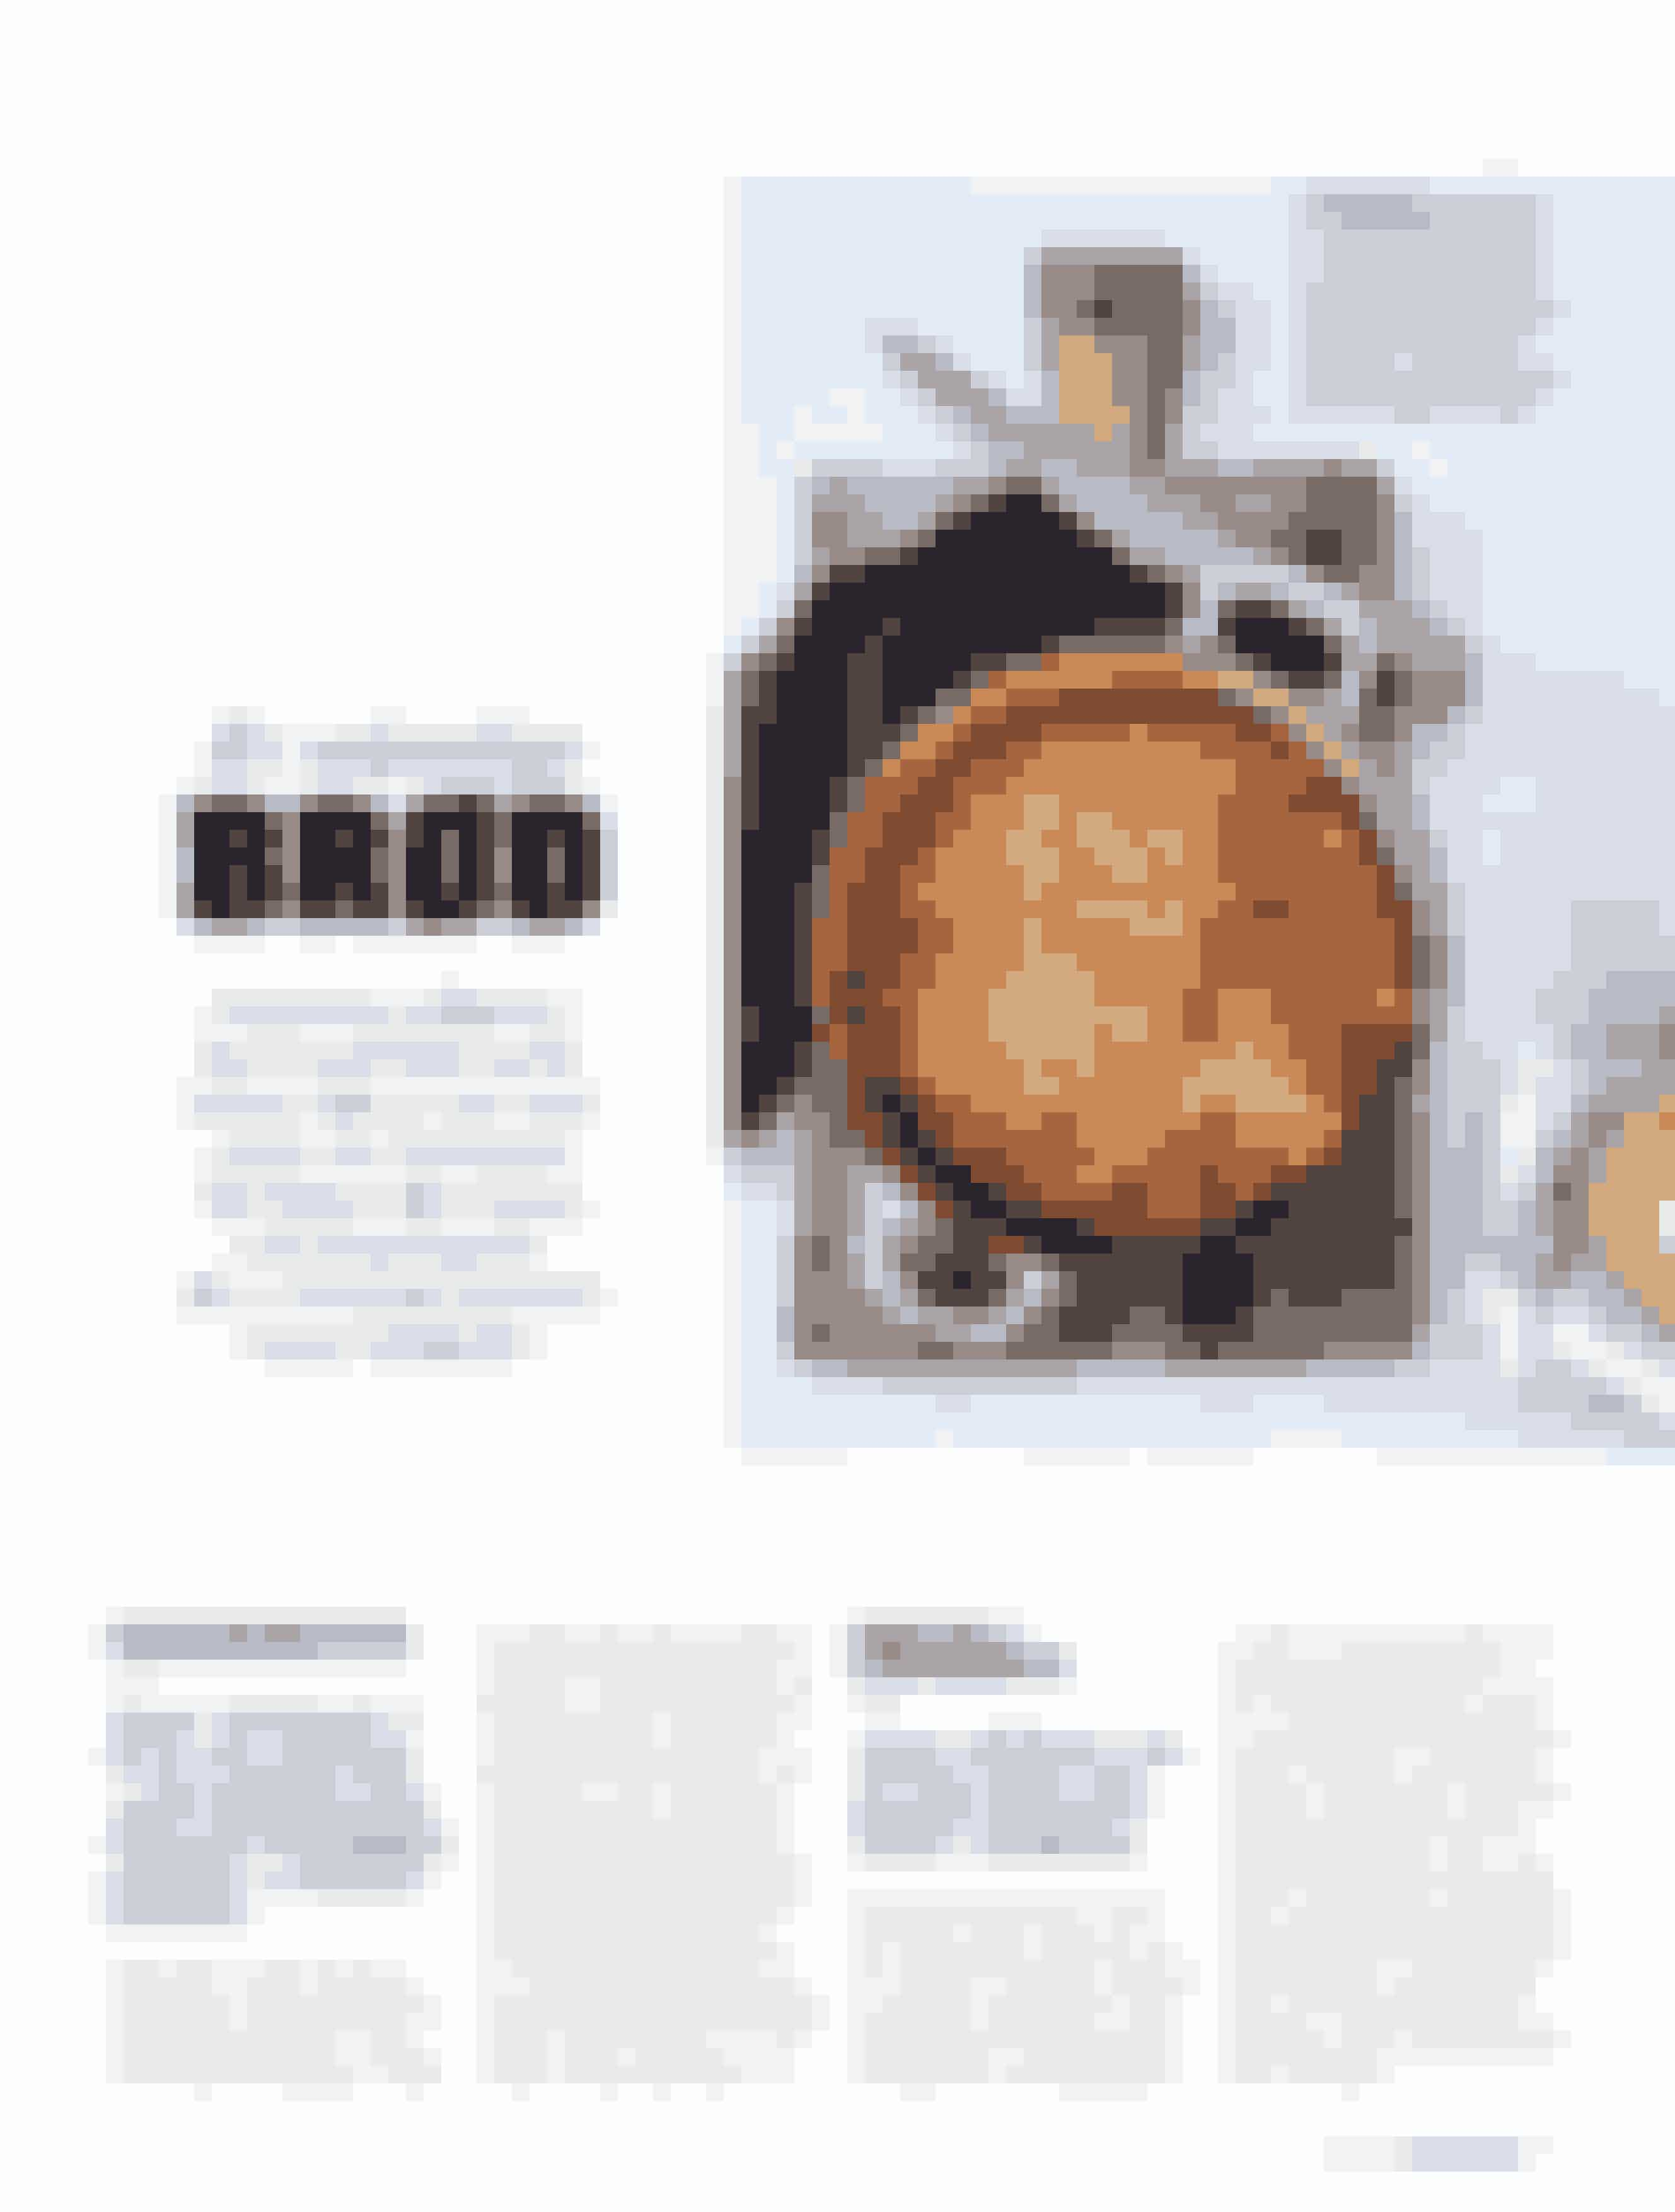 Sommerens grillaftener kræver godt brød, og det behøver ikke at være svært at lave selv. Tværtimod. Du behøver ikke engang at få dej på fingrene. Her er fem gode brød med mange muligheder.